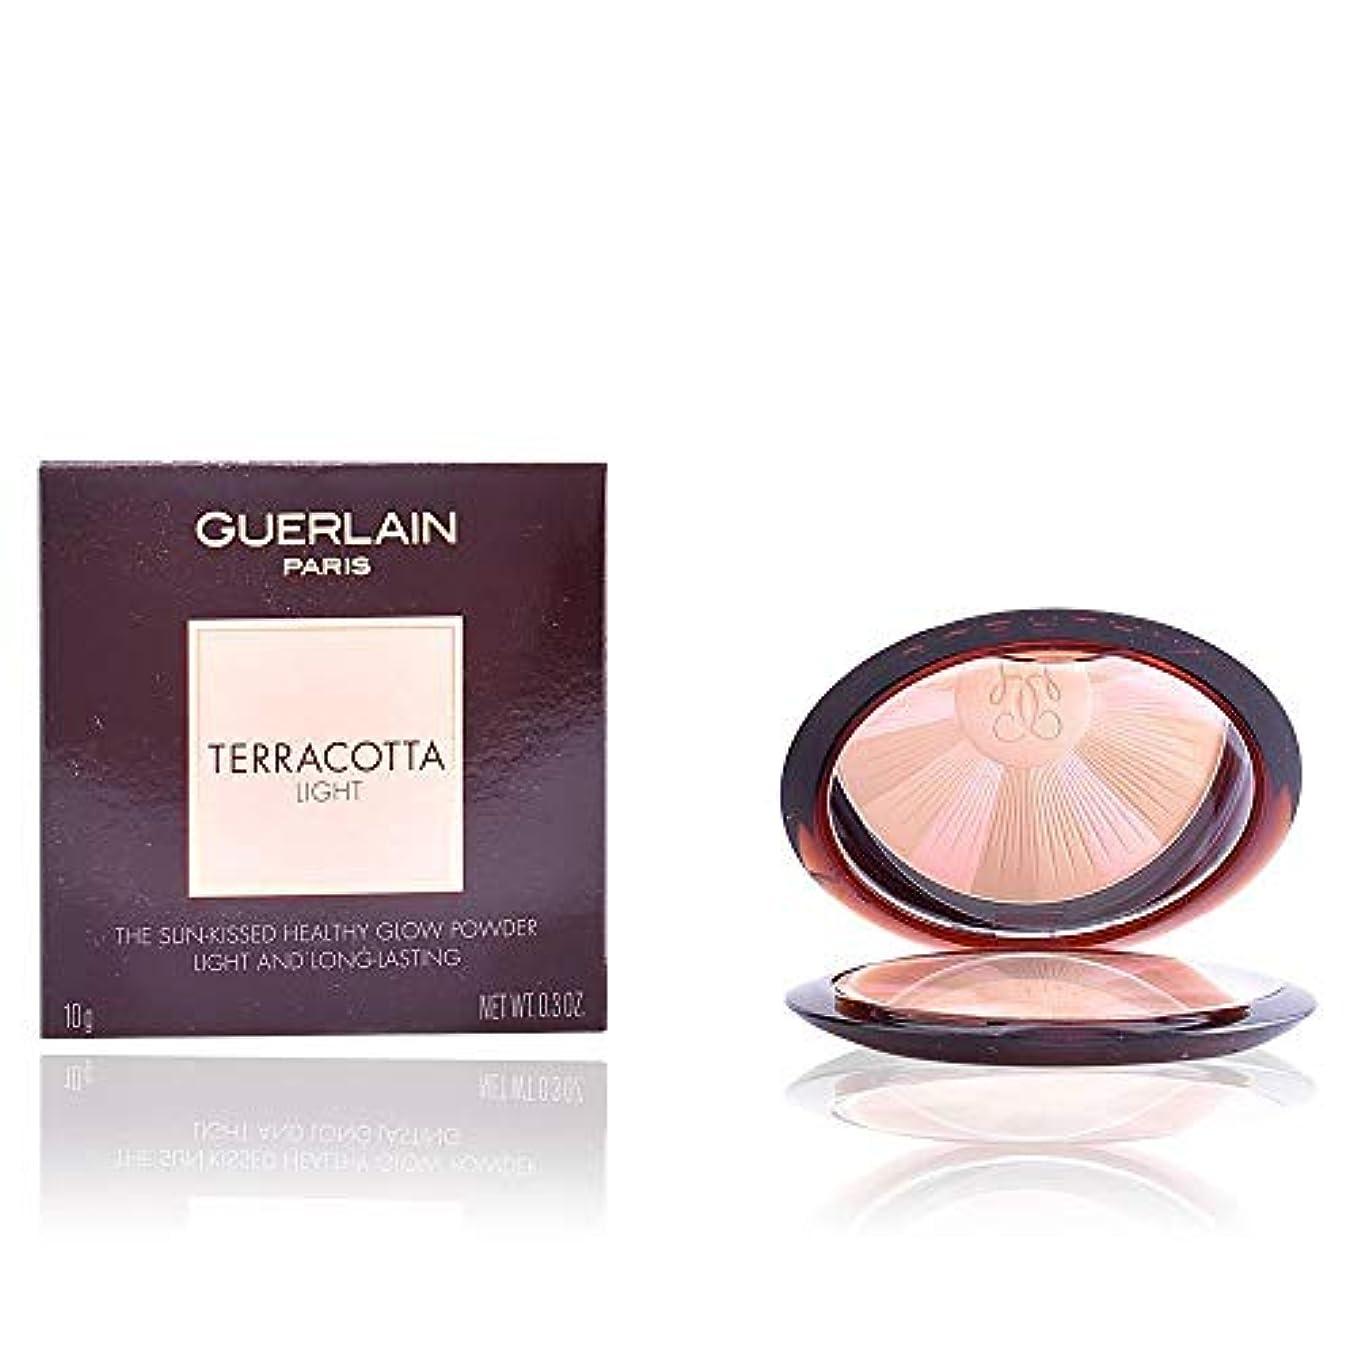 明るくする魔術師ラッチゲラン Terracotta Light The Sun Kissed Healthy Glow Powder - # 05 Deep Cool 10g/0.3oz並行輸入品